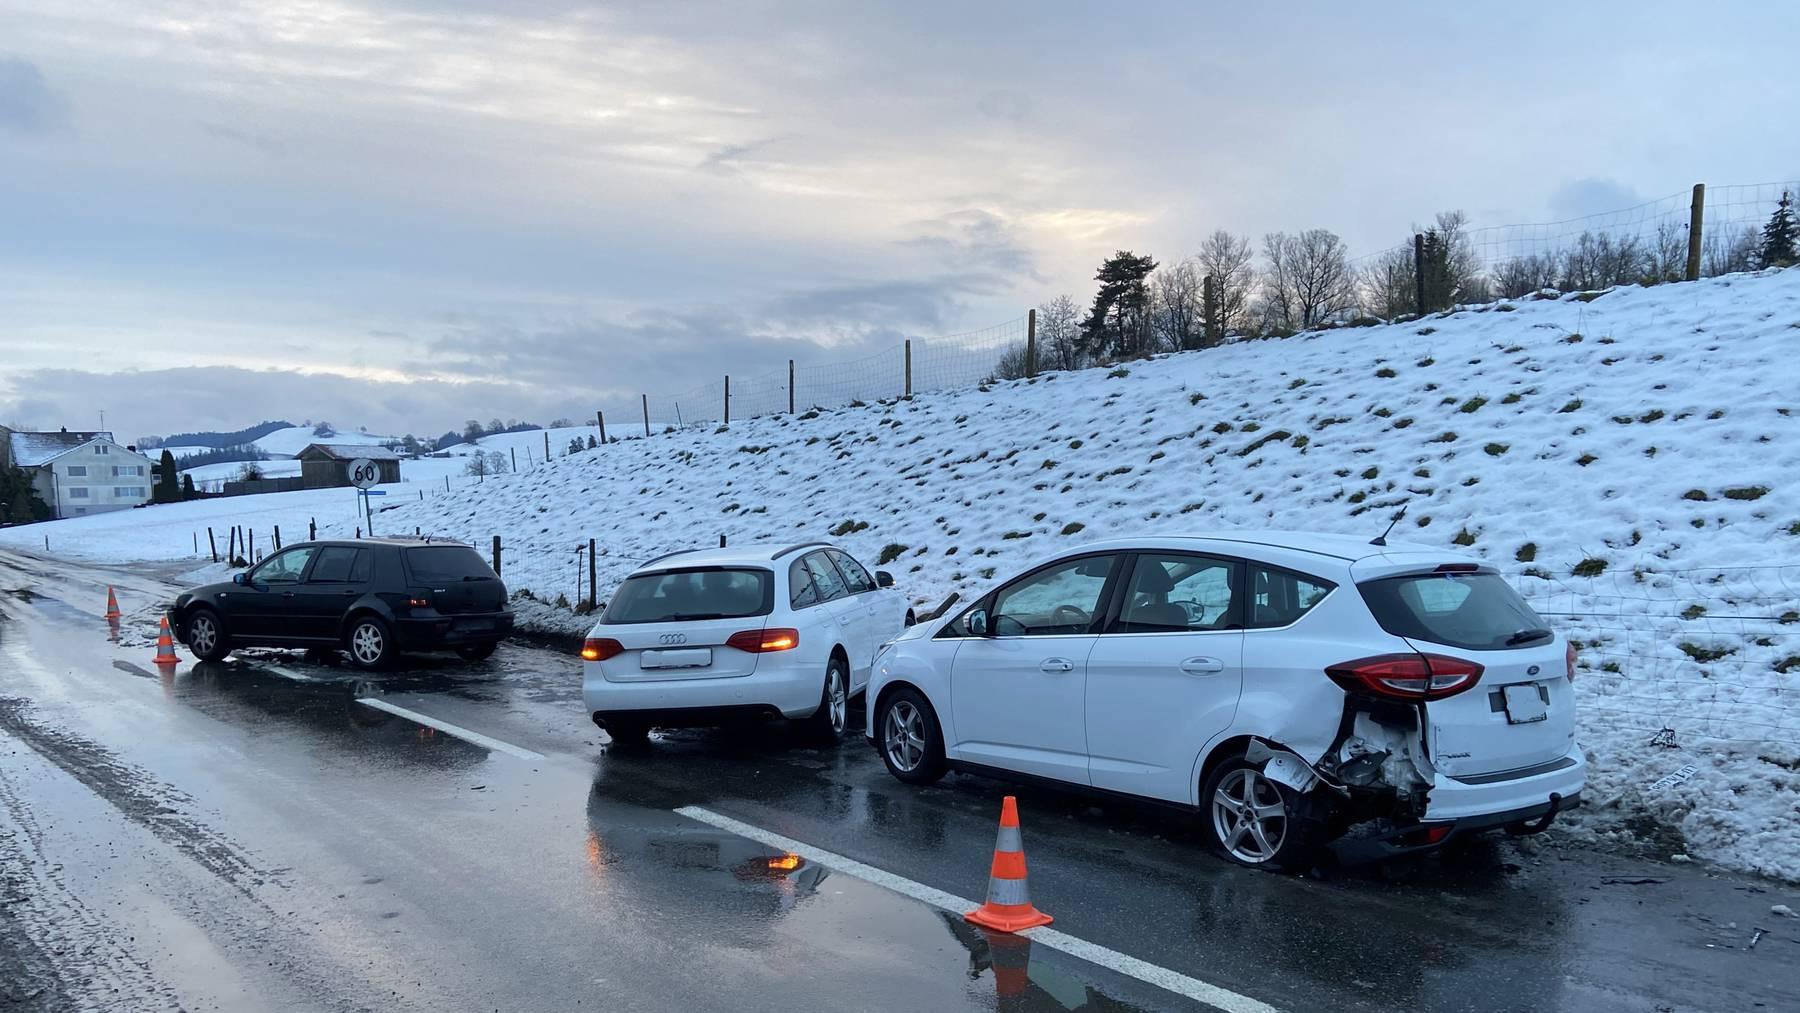 Auf der Luzernstrasse zwischen Huttwil und Hüswil kam zu einem Unfall, in den drei Fahrzeuge beteiligt waren.